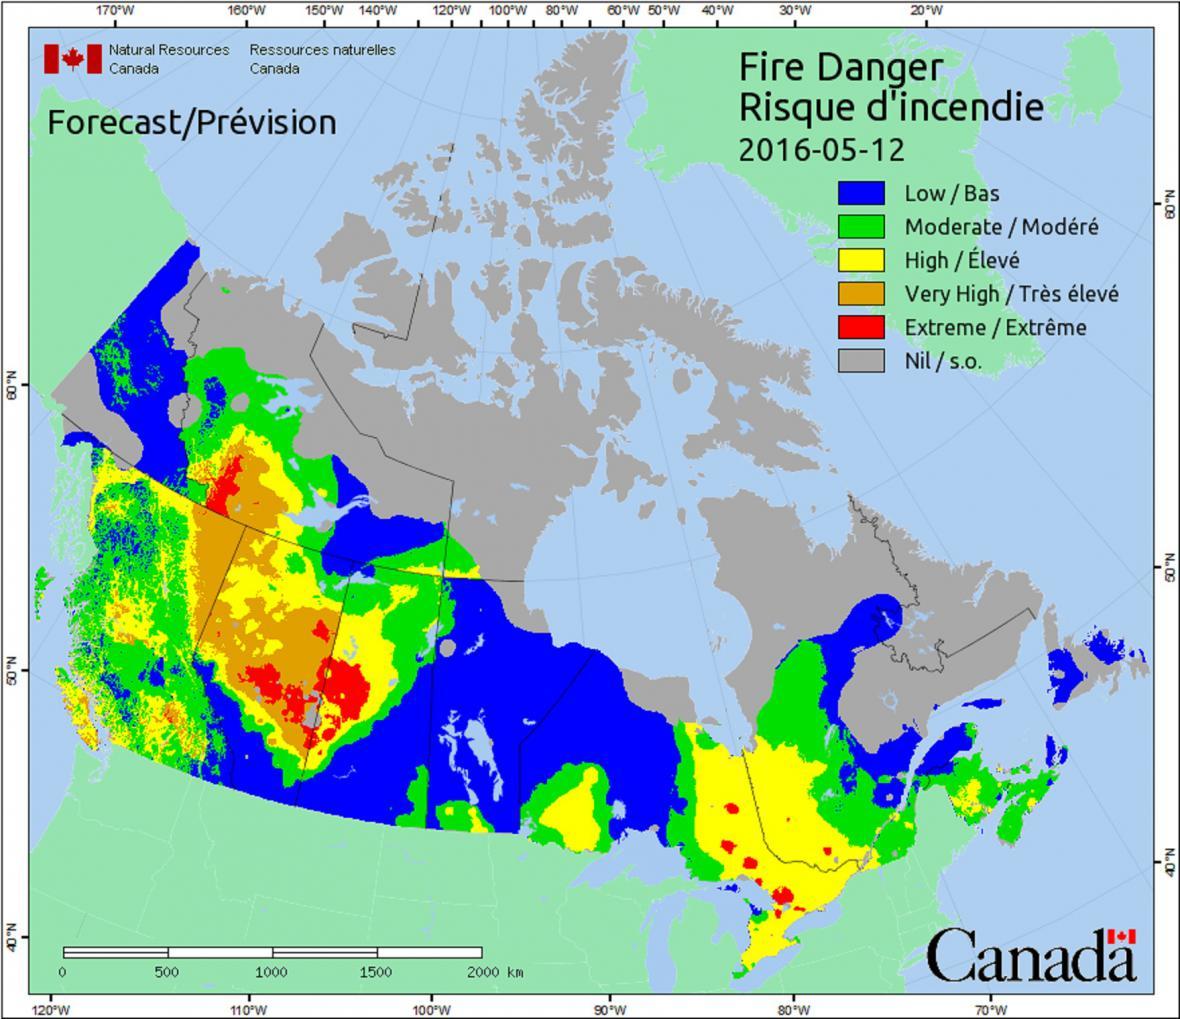 Postupně se v Kanadě ochlazuje a požár ustupuje. Stav k 12. květnu